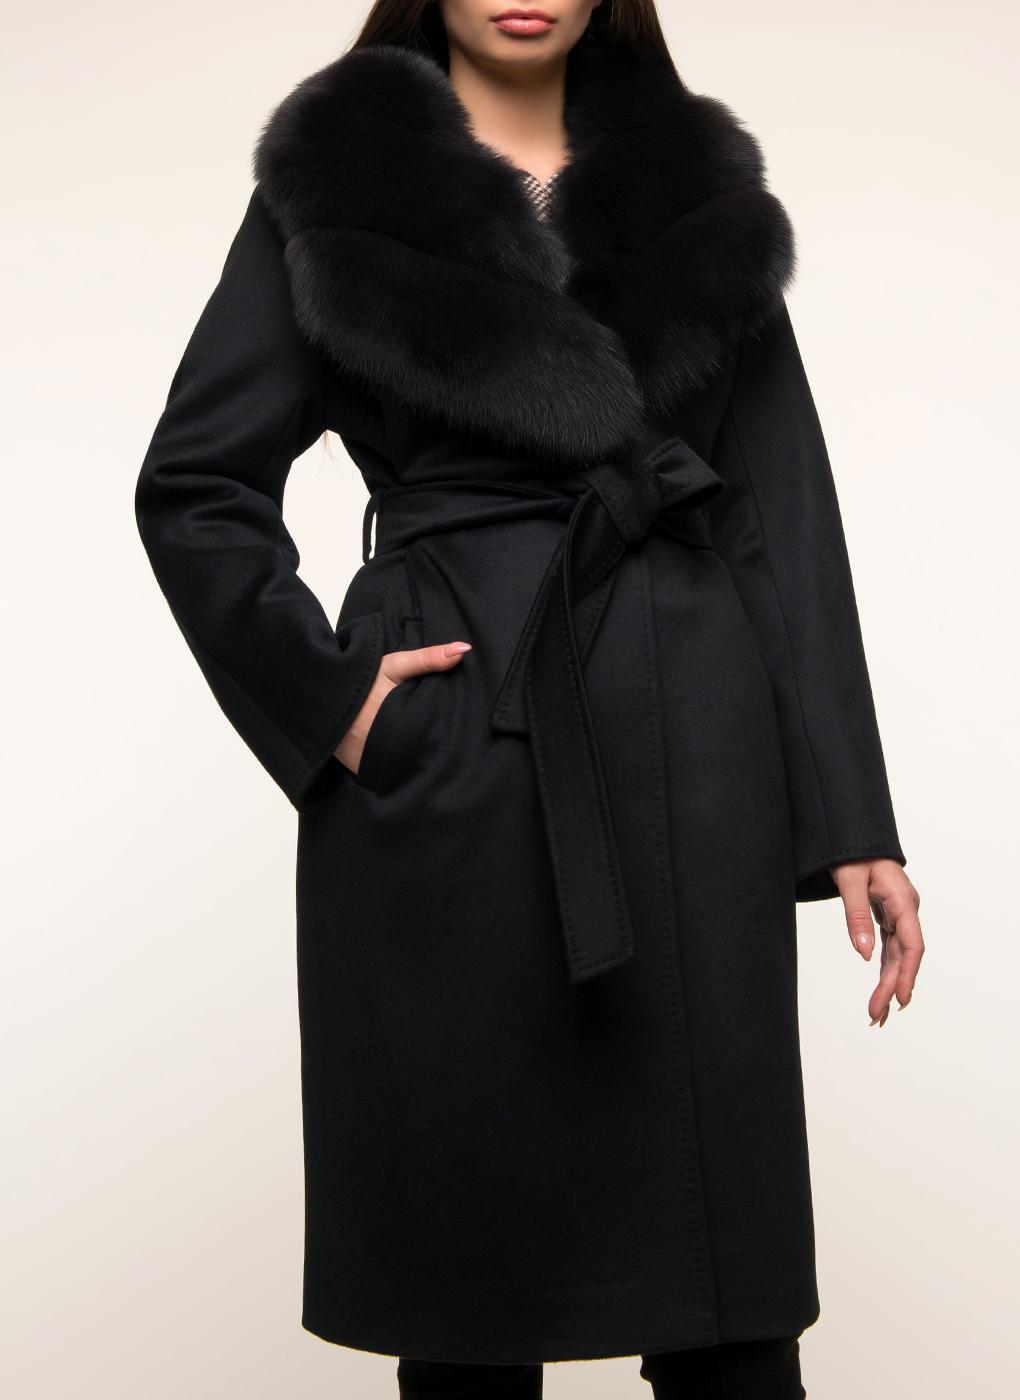 Пальто чистошерстяное 95, Bella collection фото